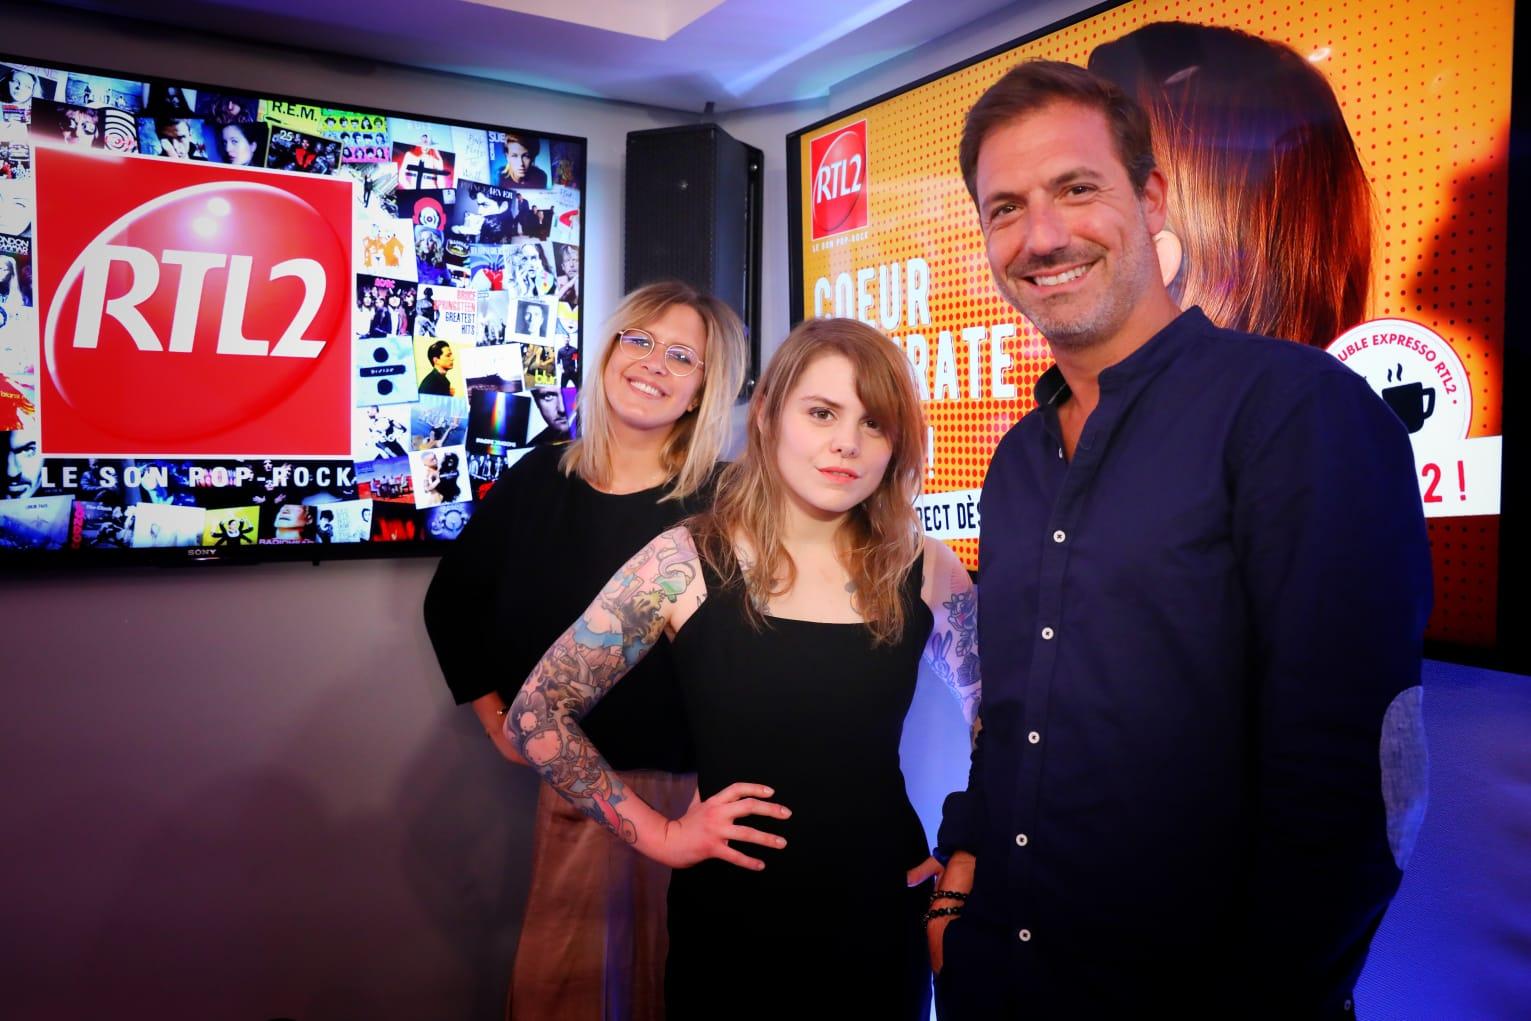 Cœur de Pirate en compagnie de Justine Salmon et Grégory Ascher du Double Expresso RTL2